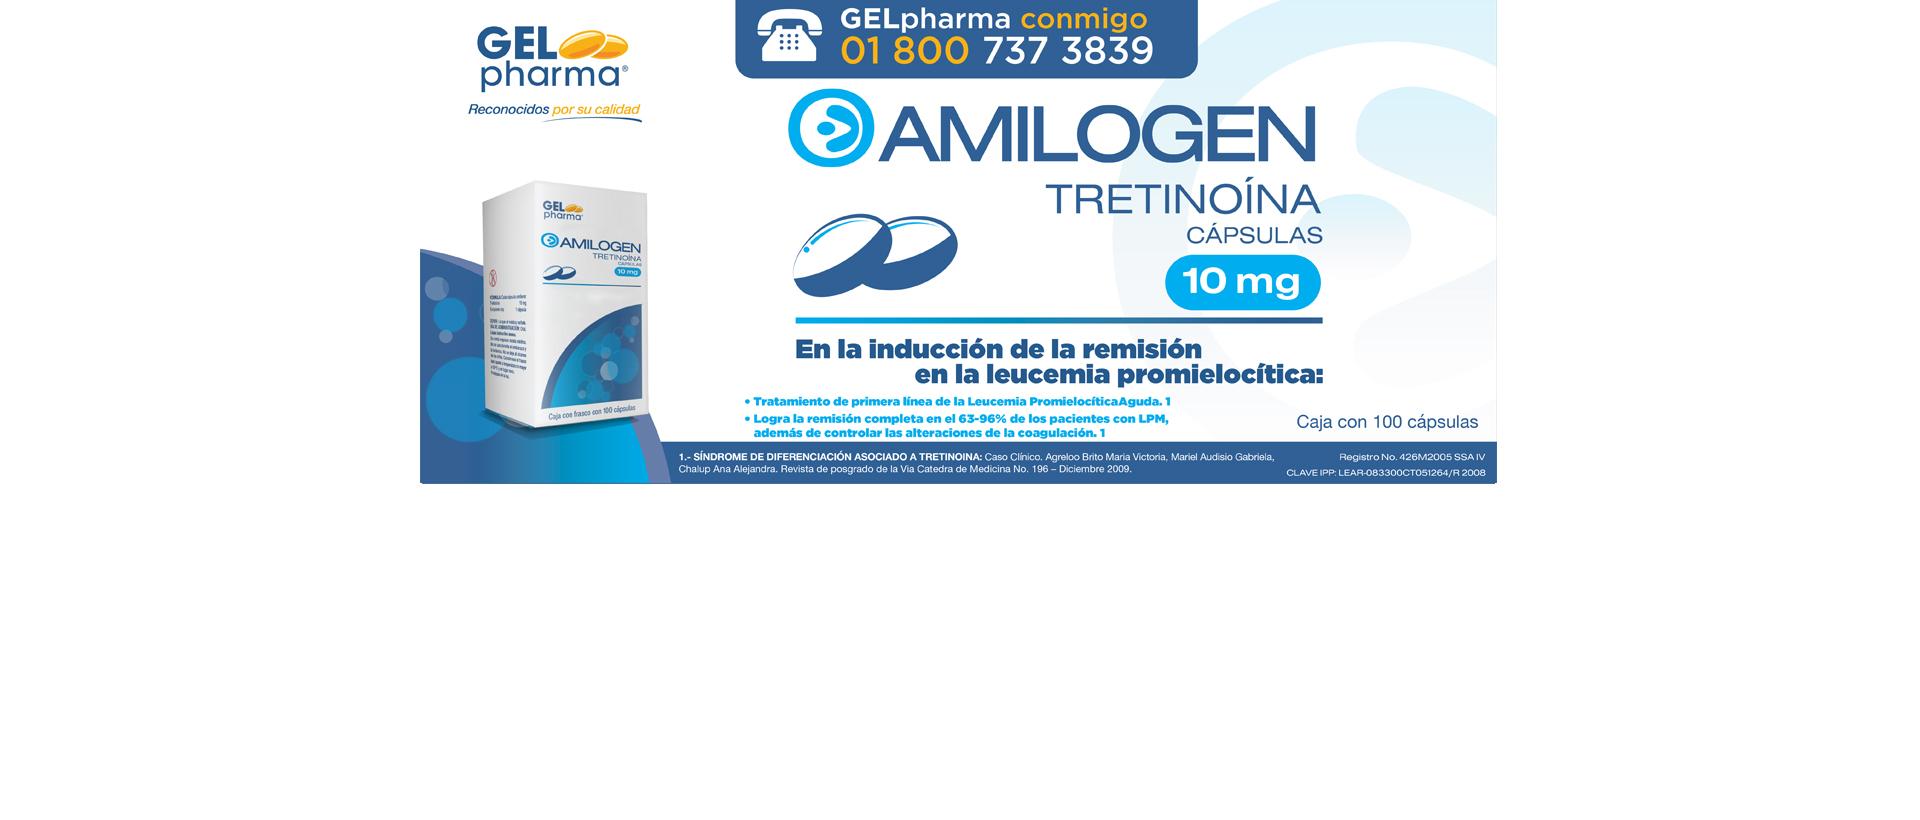 Amilogen Tretinoina 10 mg